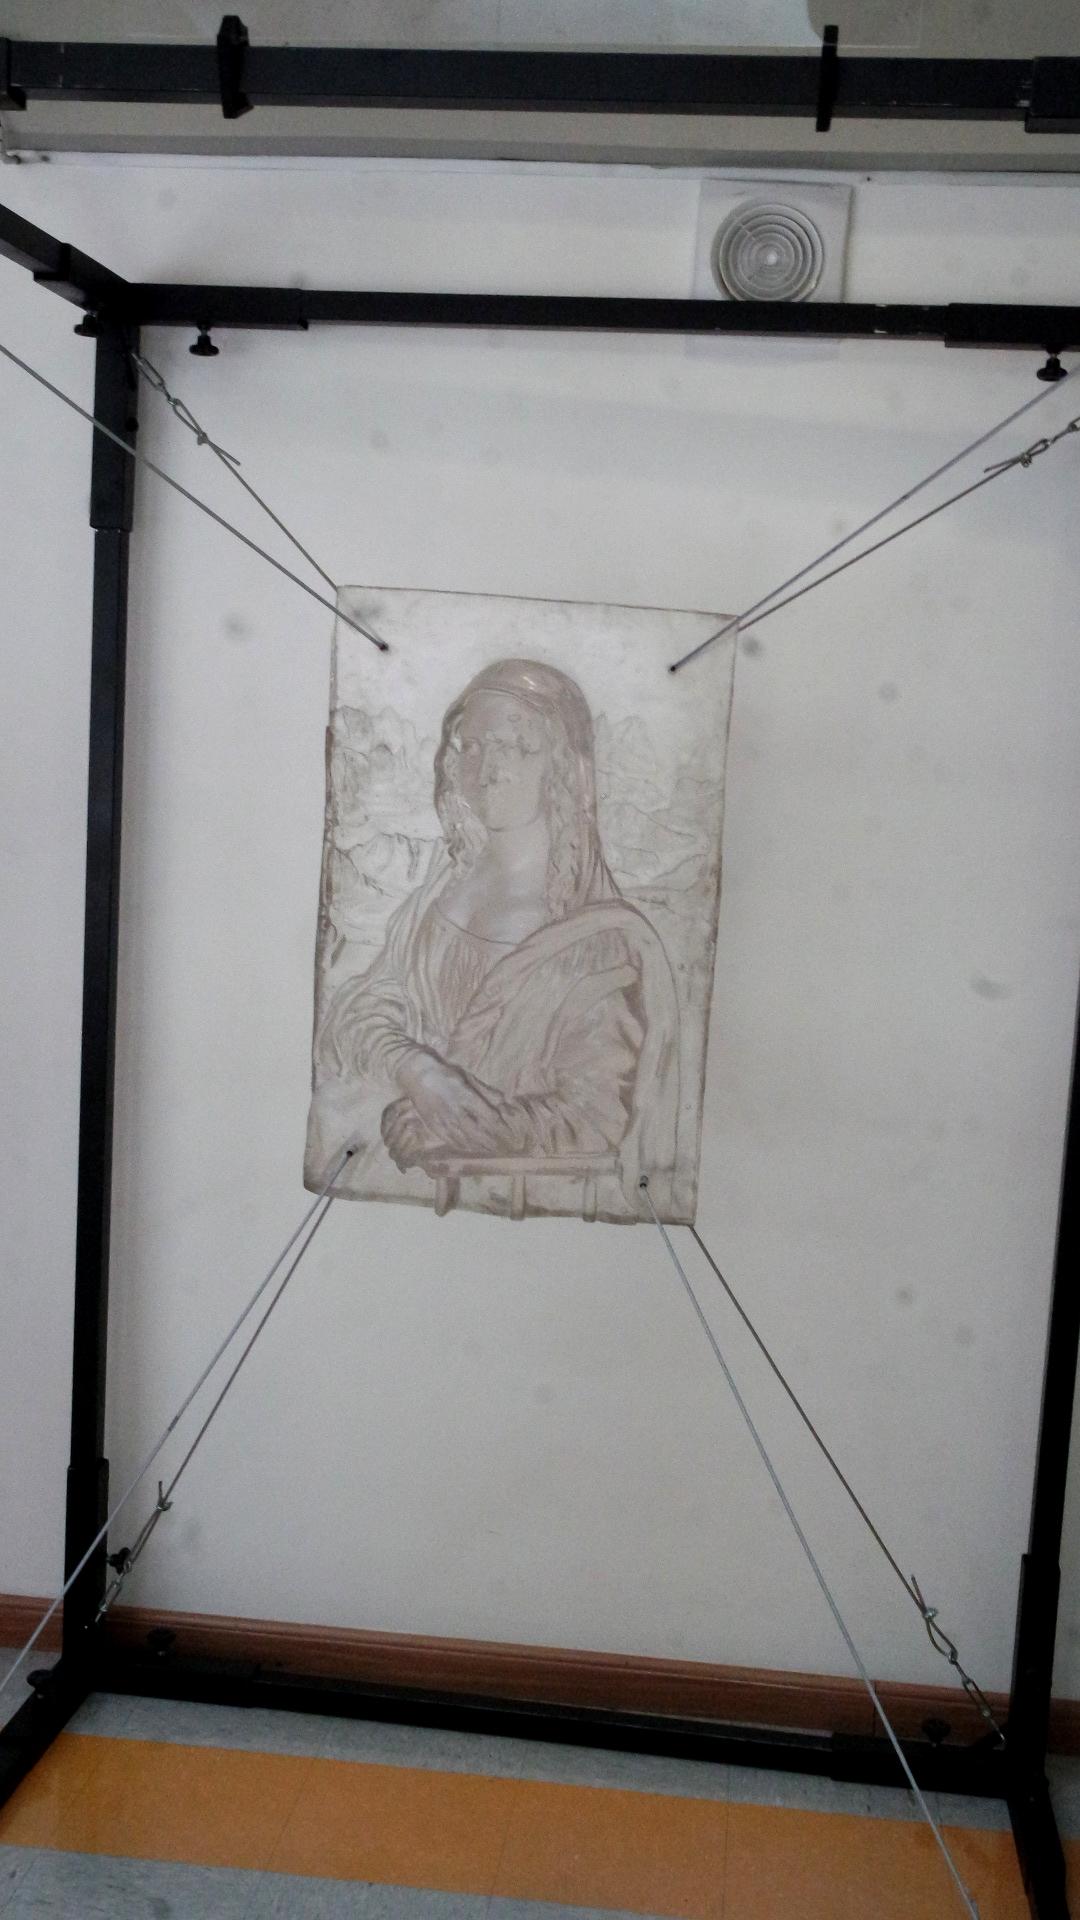 Monalisa em alto relevo, de Marcelo Pasqua